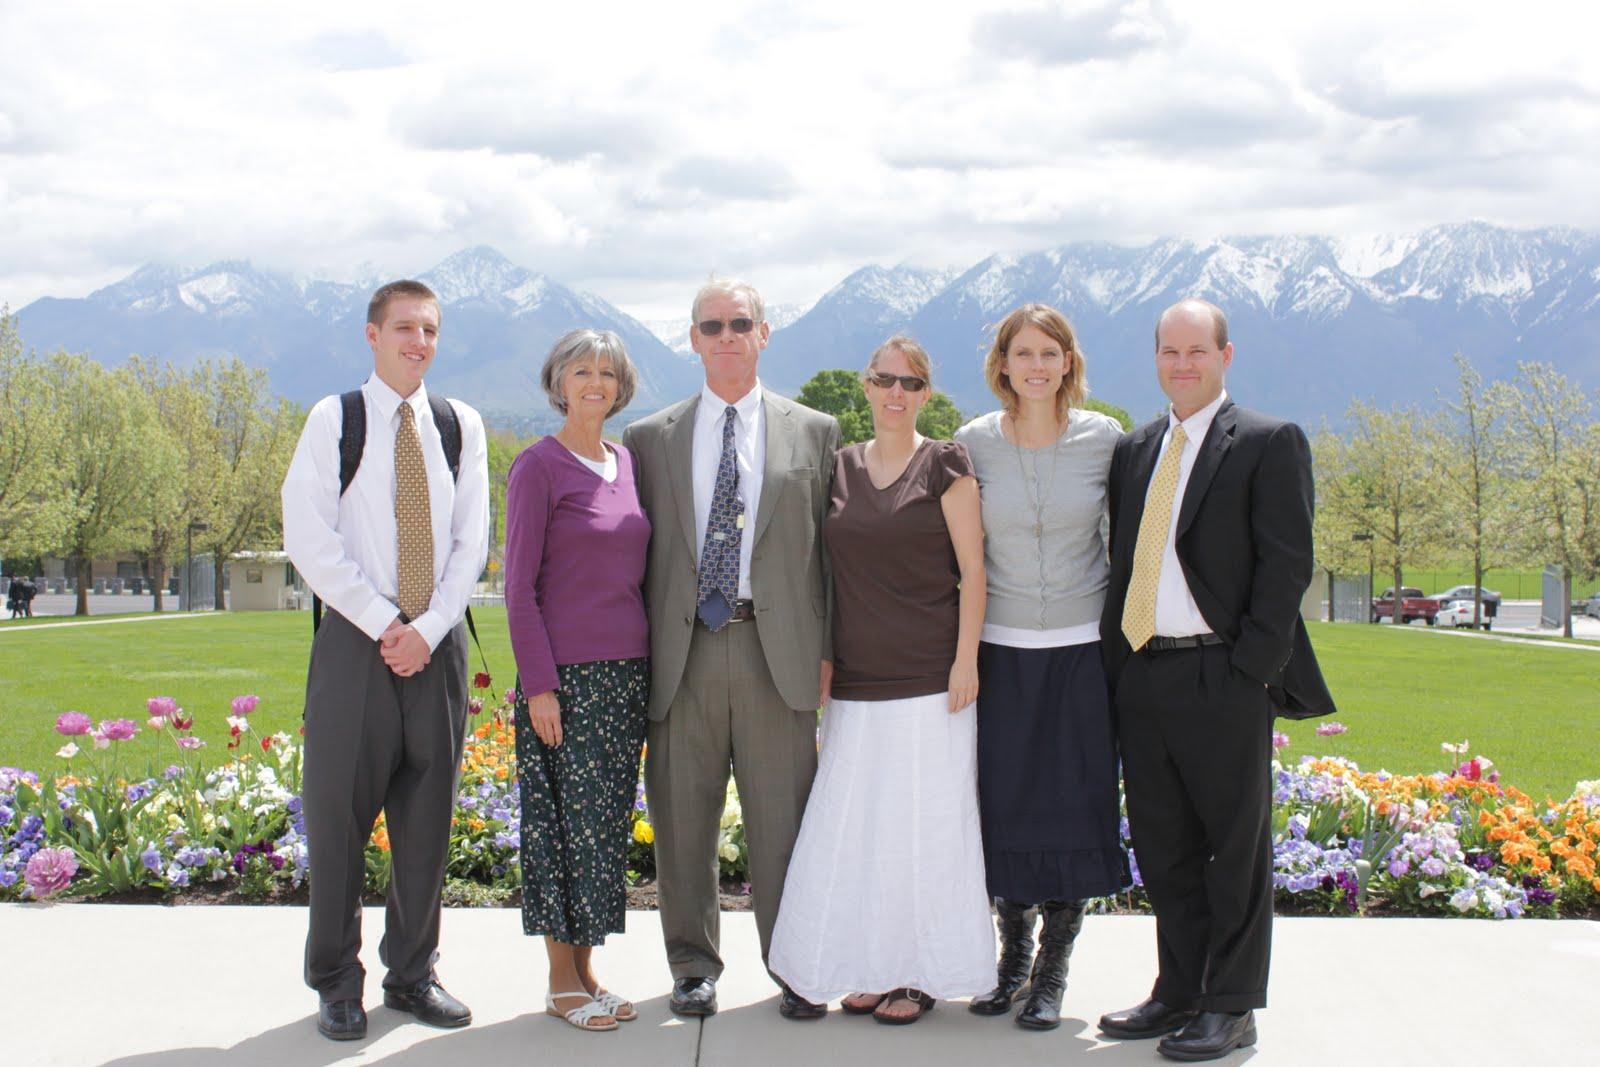 Elder Christiansen